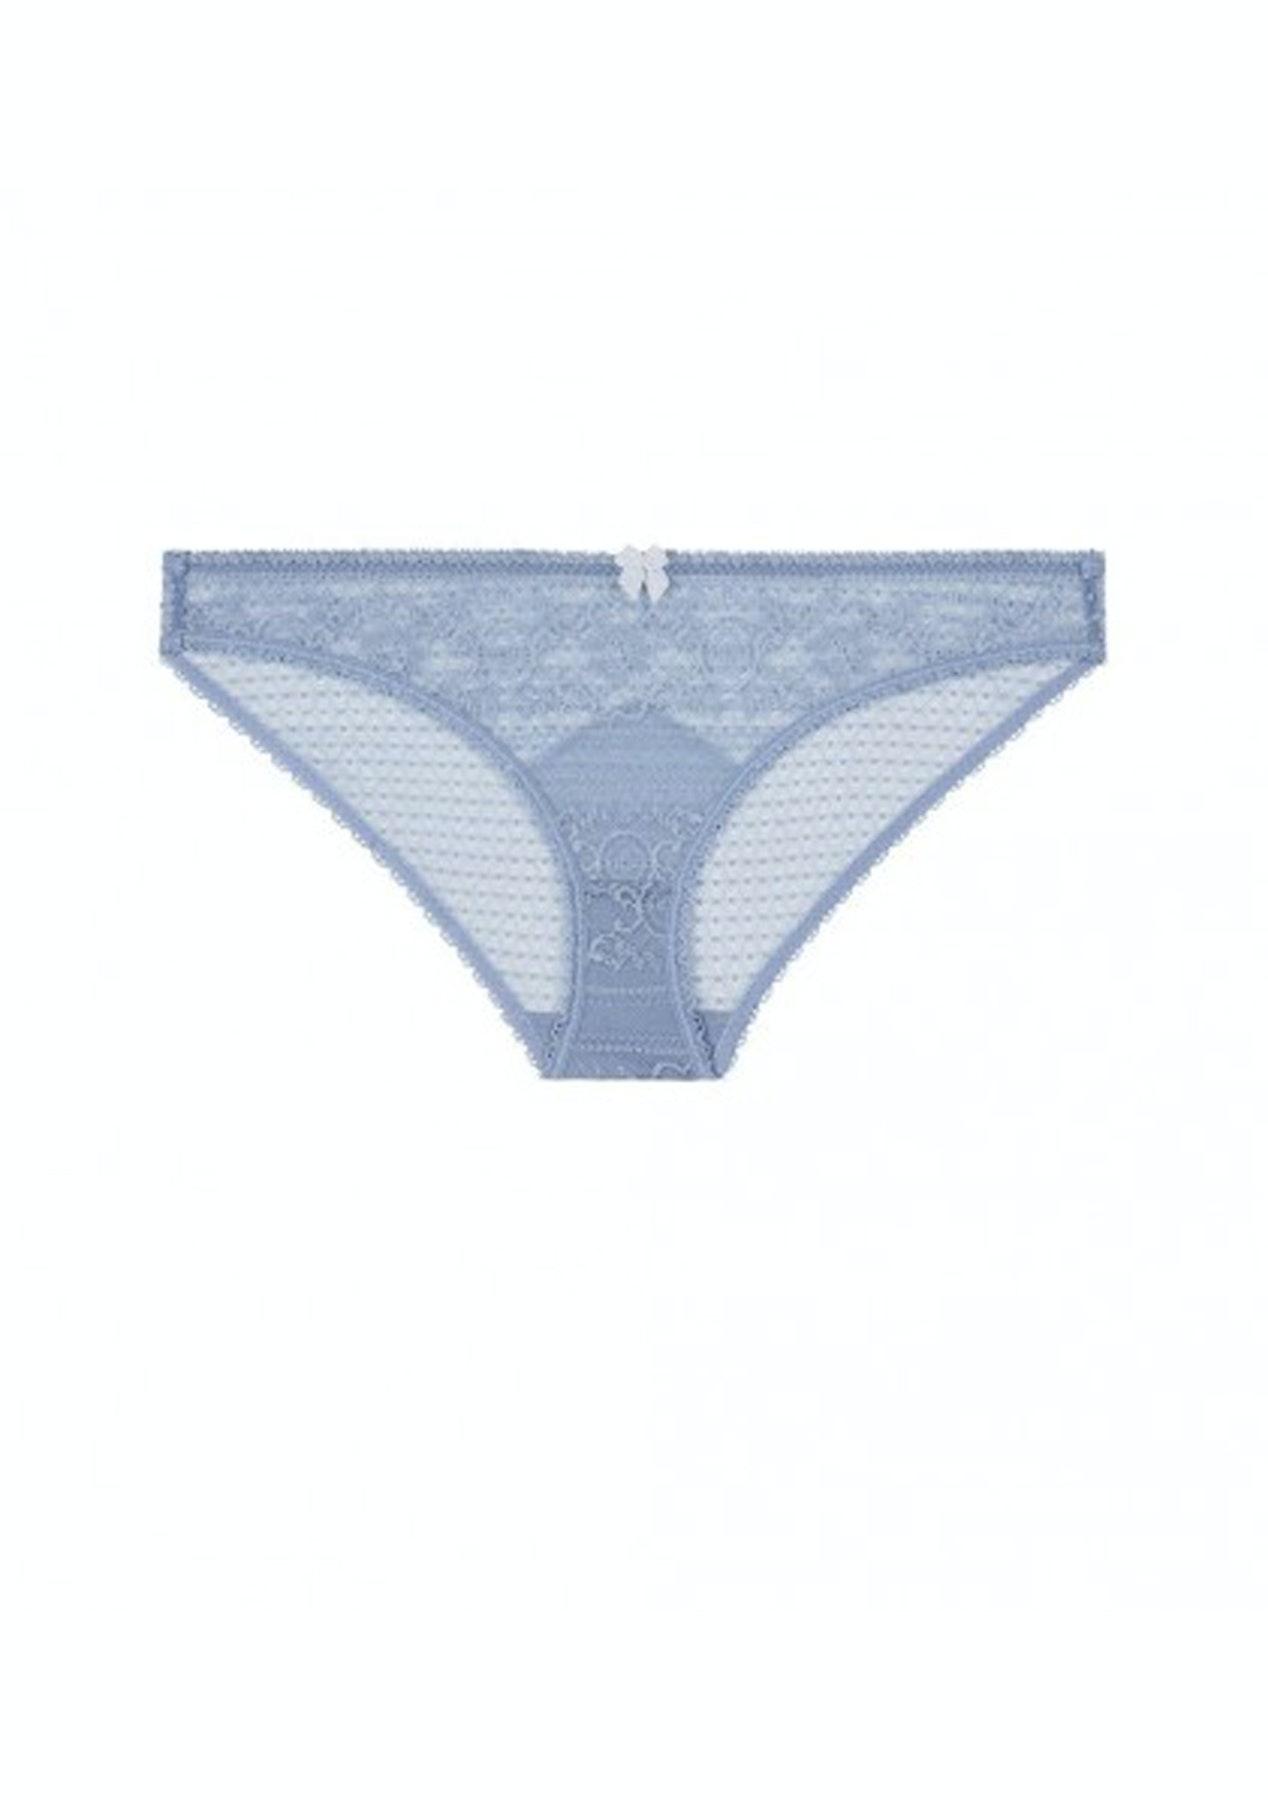 77dbb14ee43b8 Stella McCartney - Ophelia Whistling Bikini Brief - Sky Blue - 50% Off  Stella McCartney - Onceit